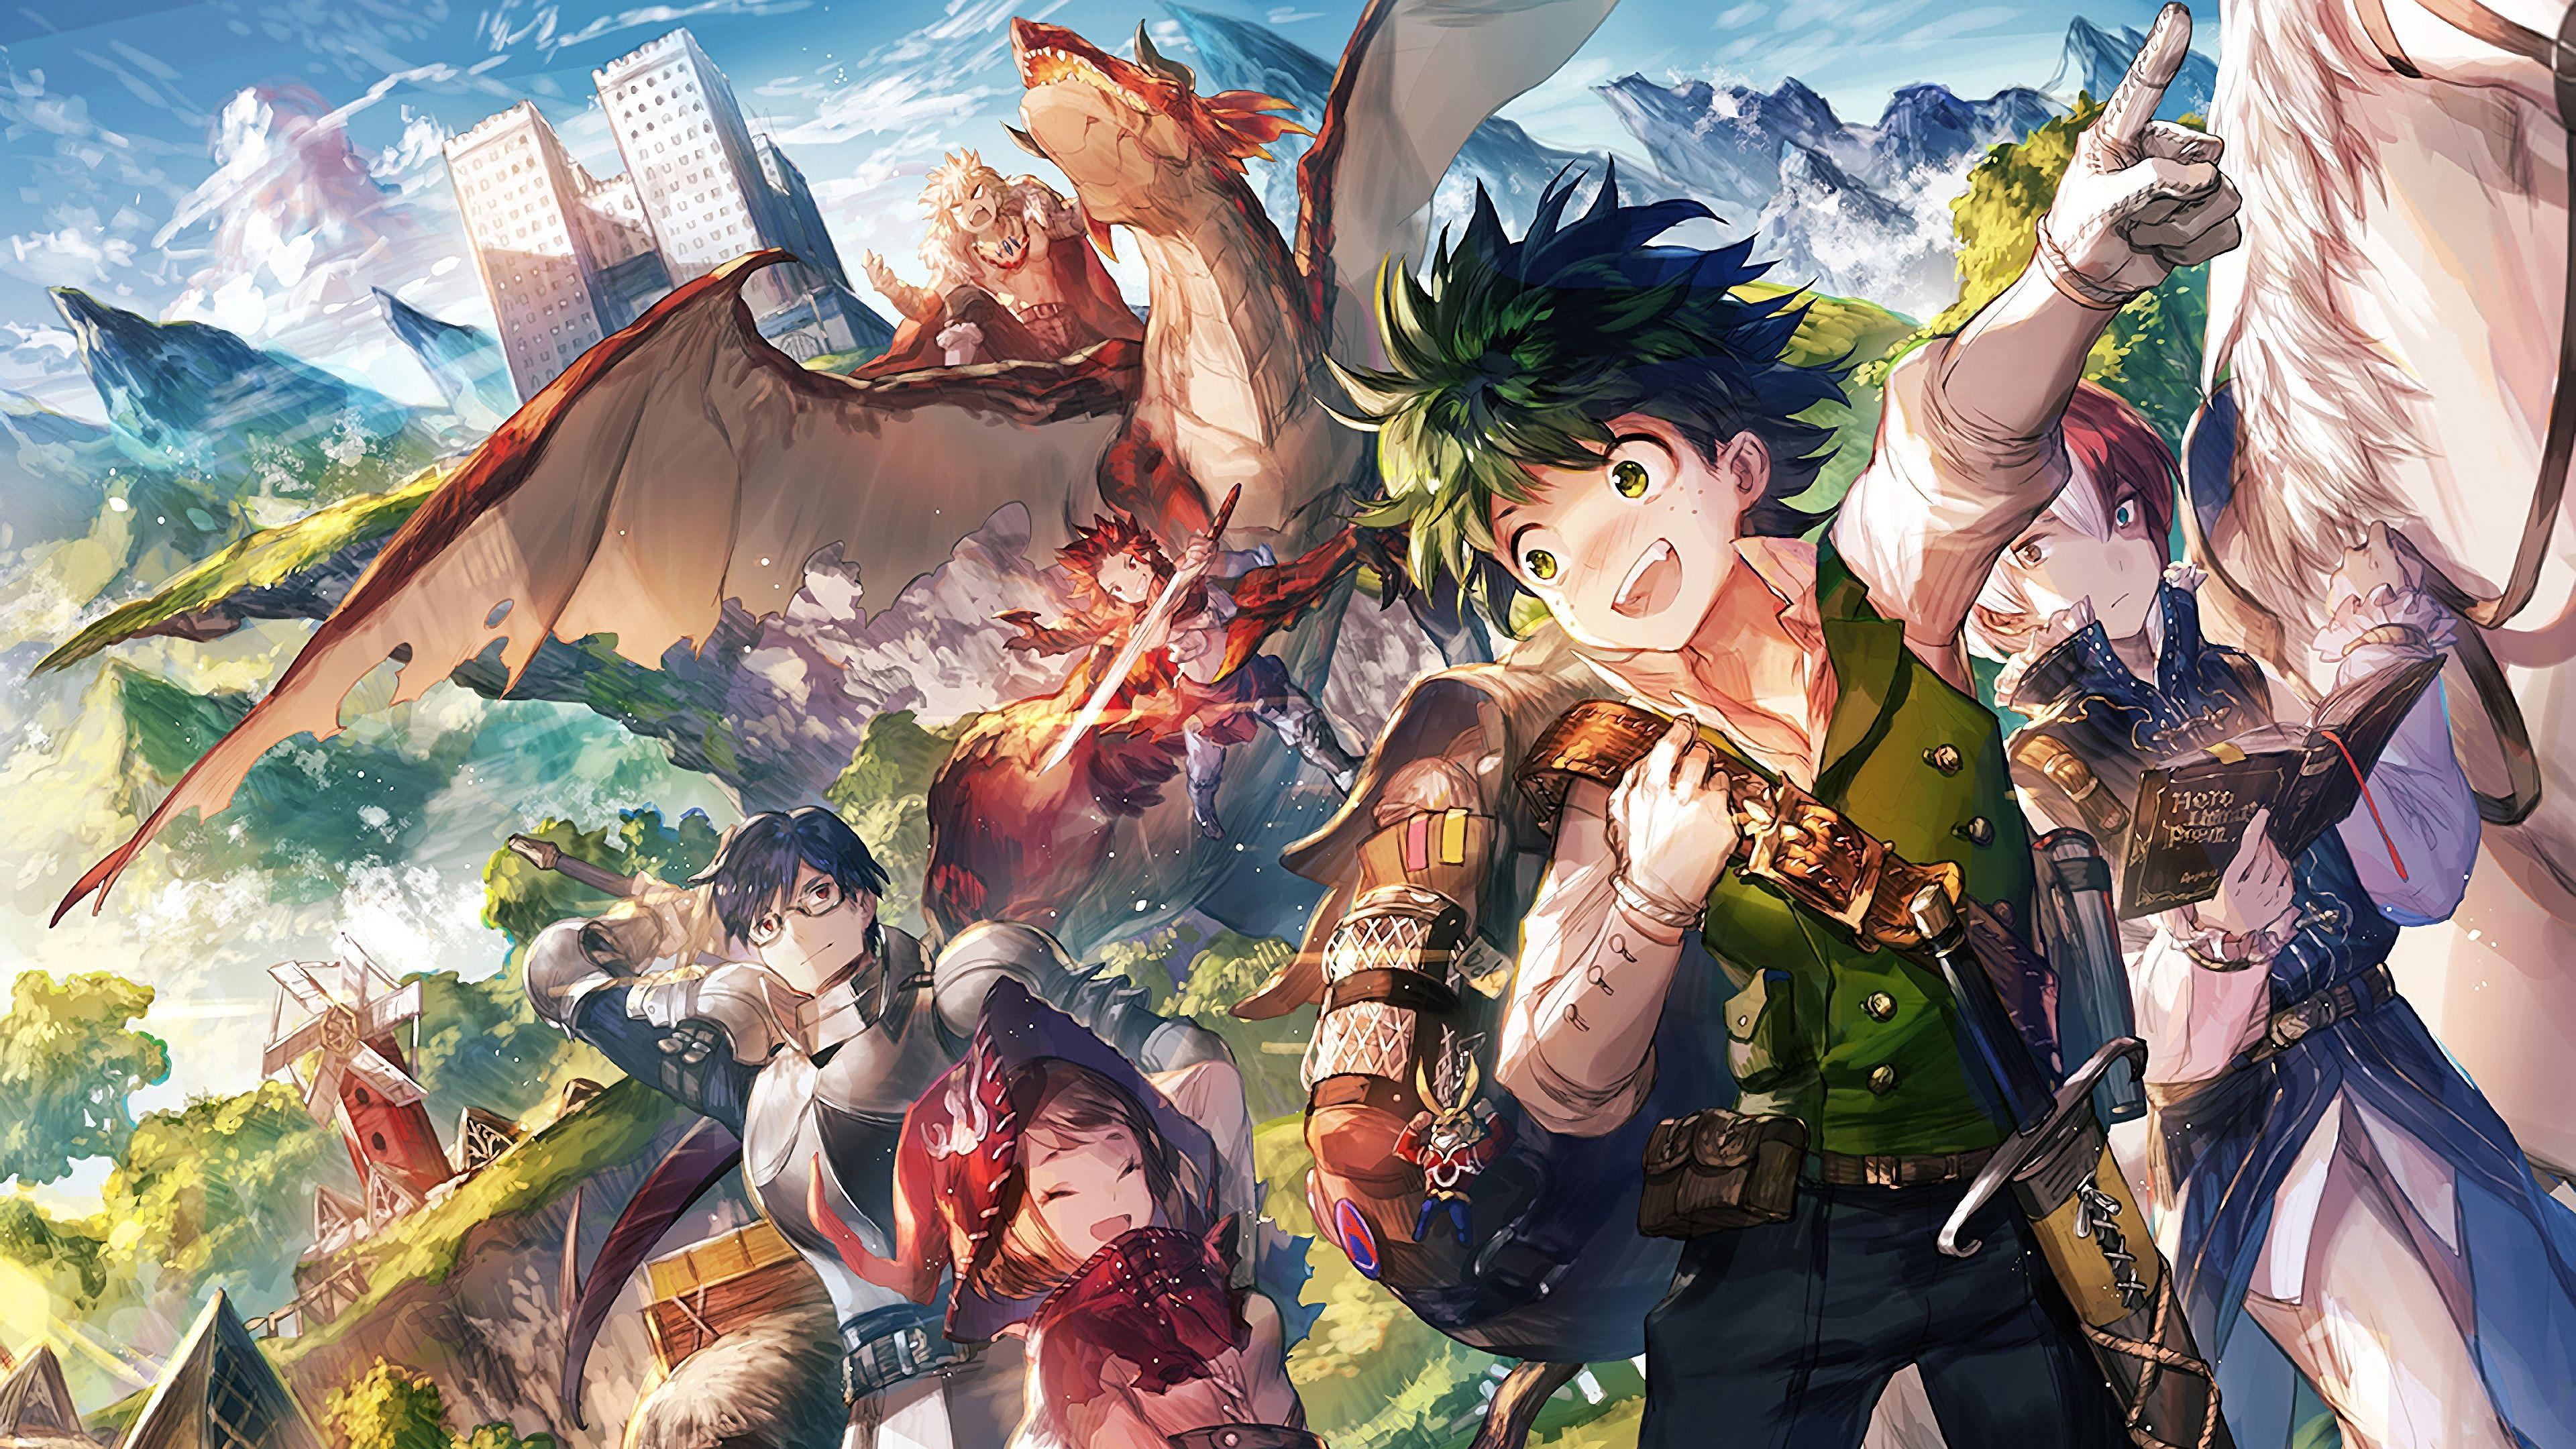 My Hero Academia Boku No Hero Academia Anime Izuku Midoriya Shoto Todoroki Ochaco Uraraka Tenya Iida Eijiro Kirishima Katsu My Hero Hero Wallpaper Hero